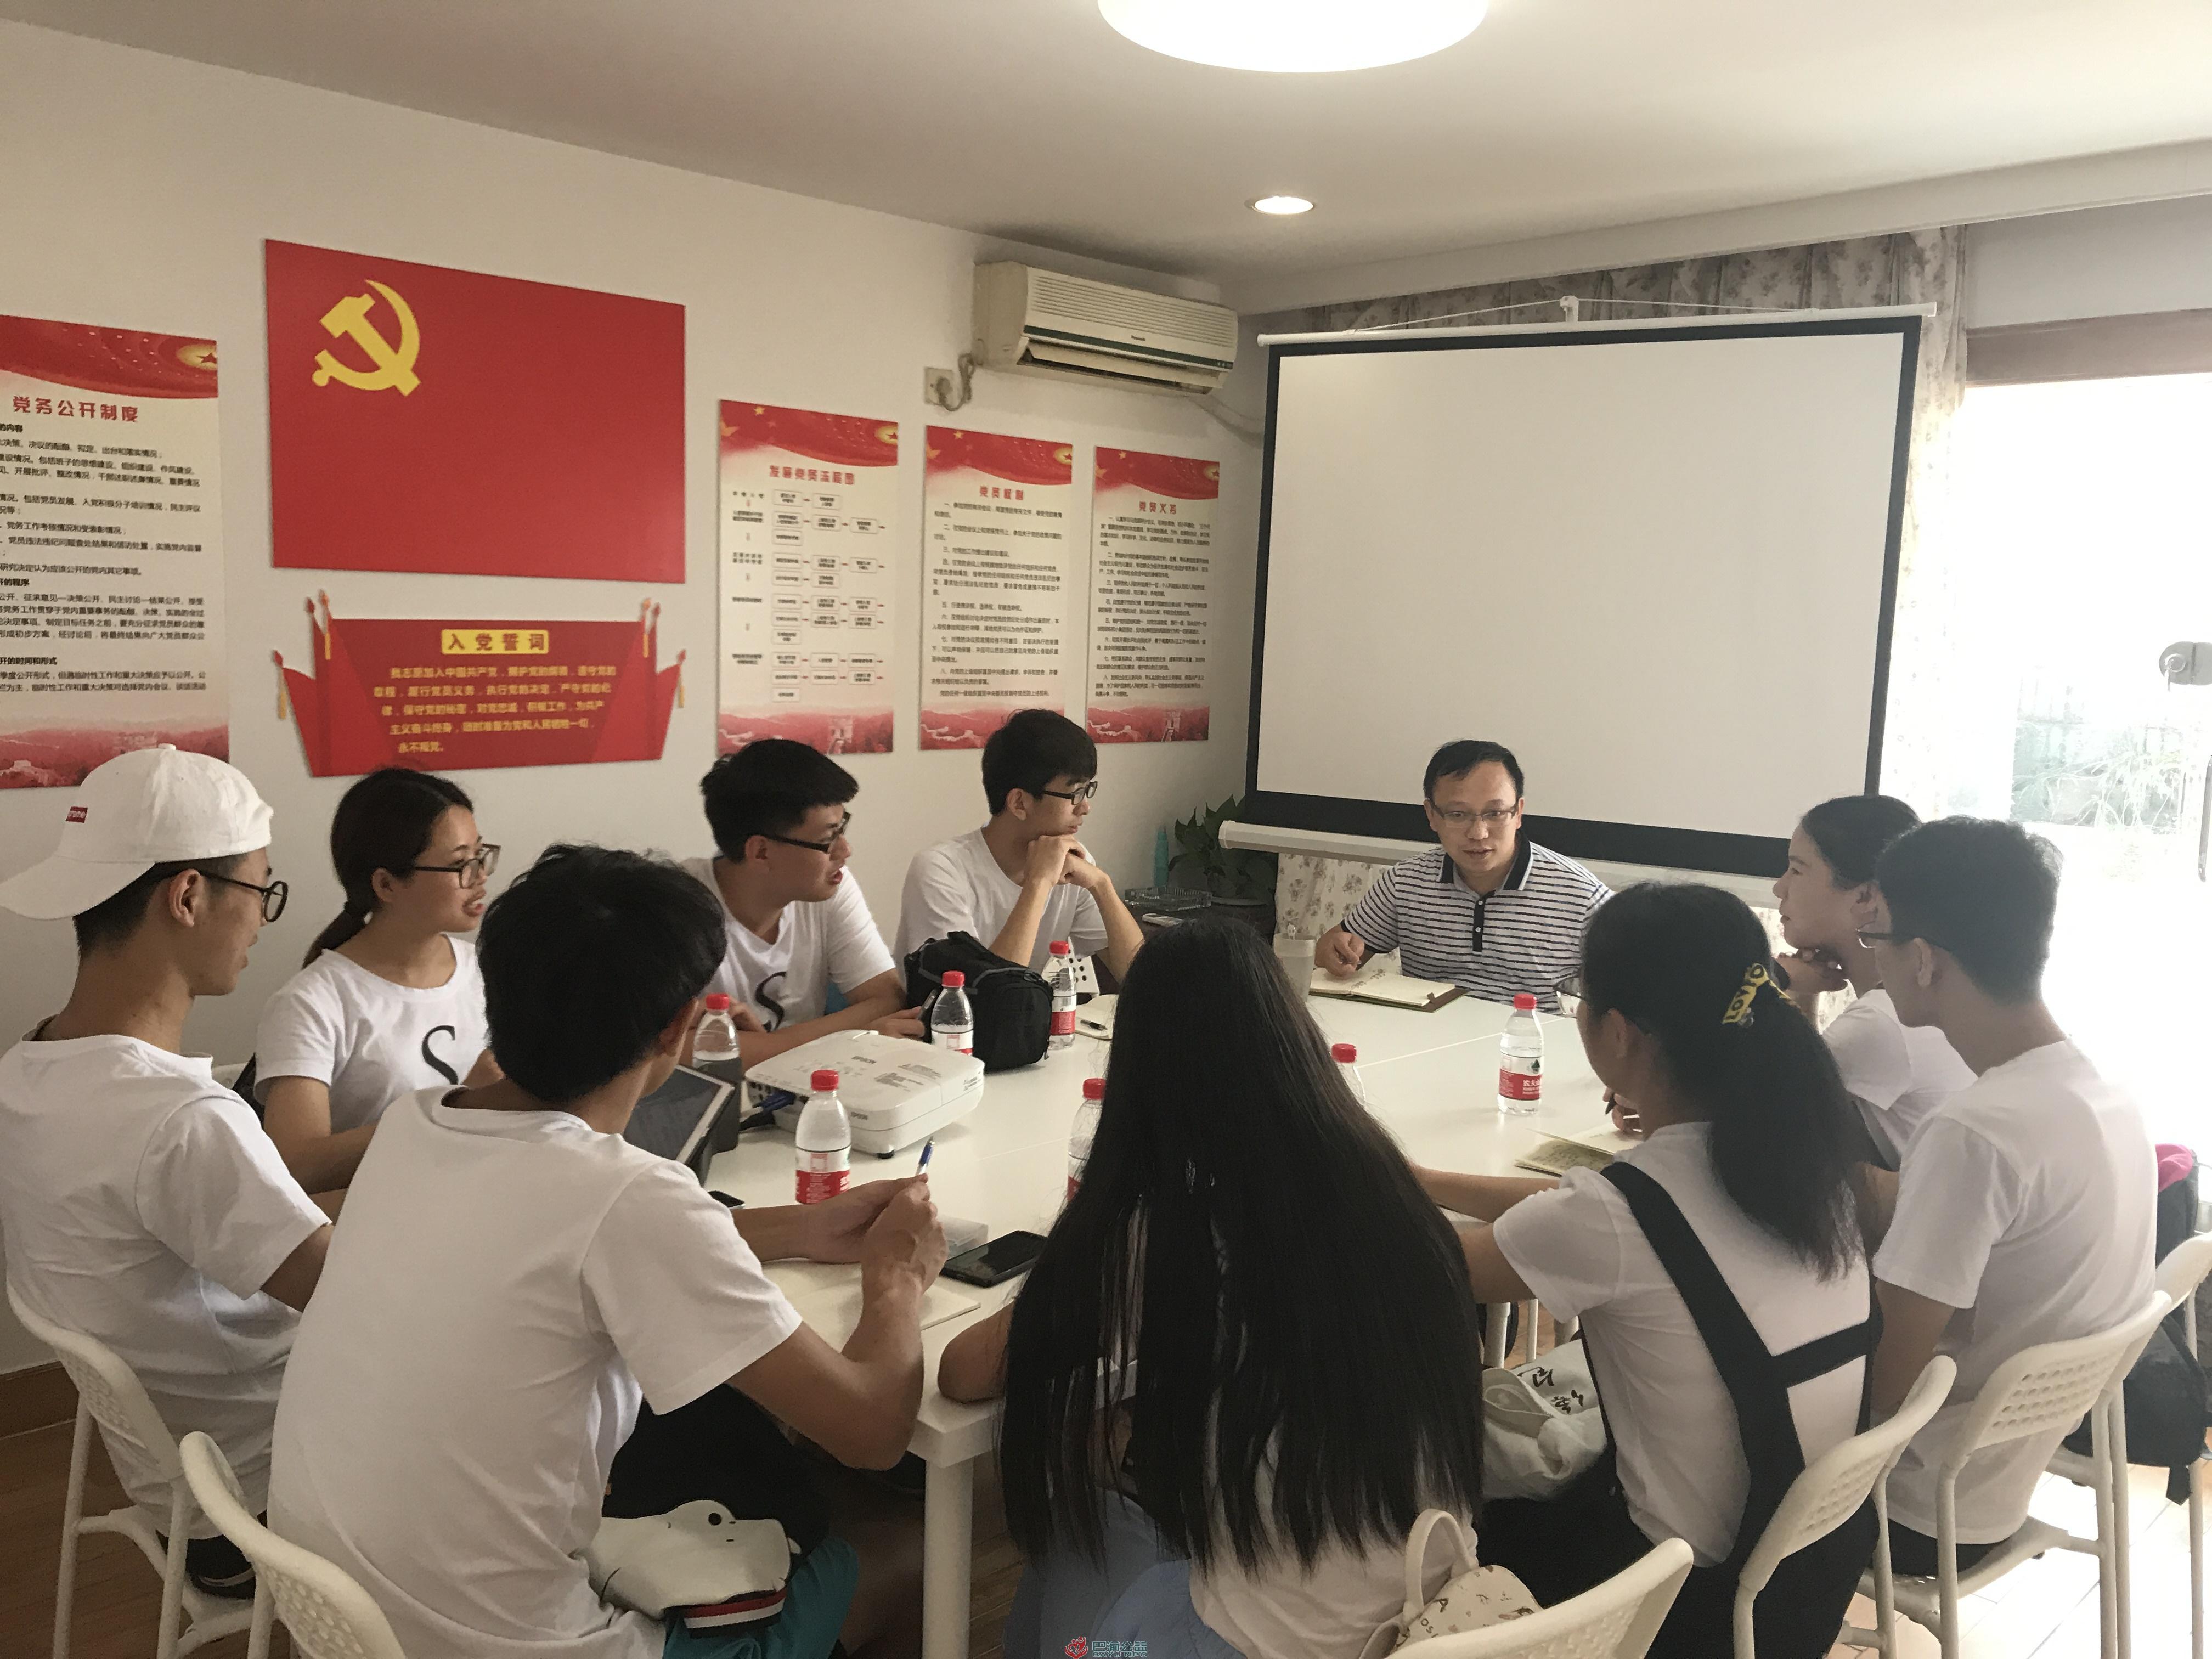 深圳大学 2017 年大学生暑期社会实践活动团队到访巴渝公益